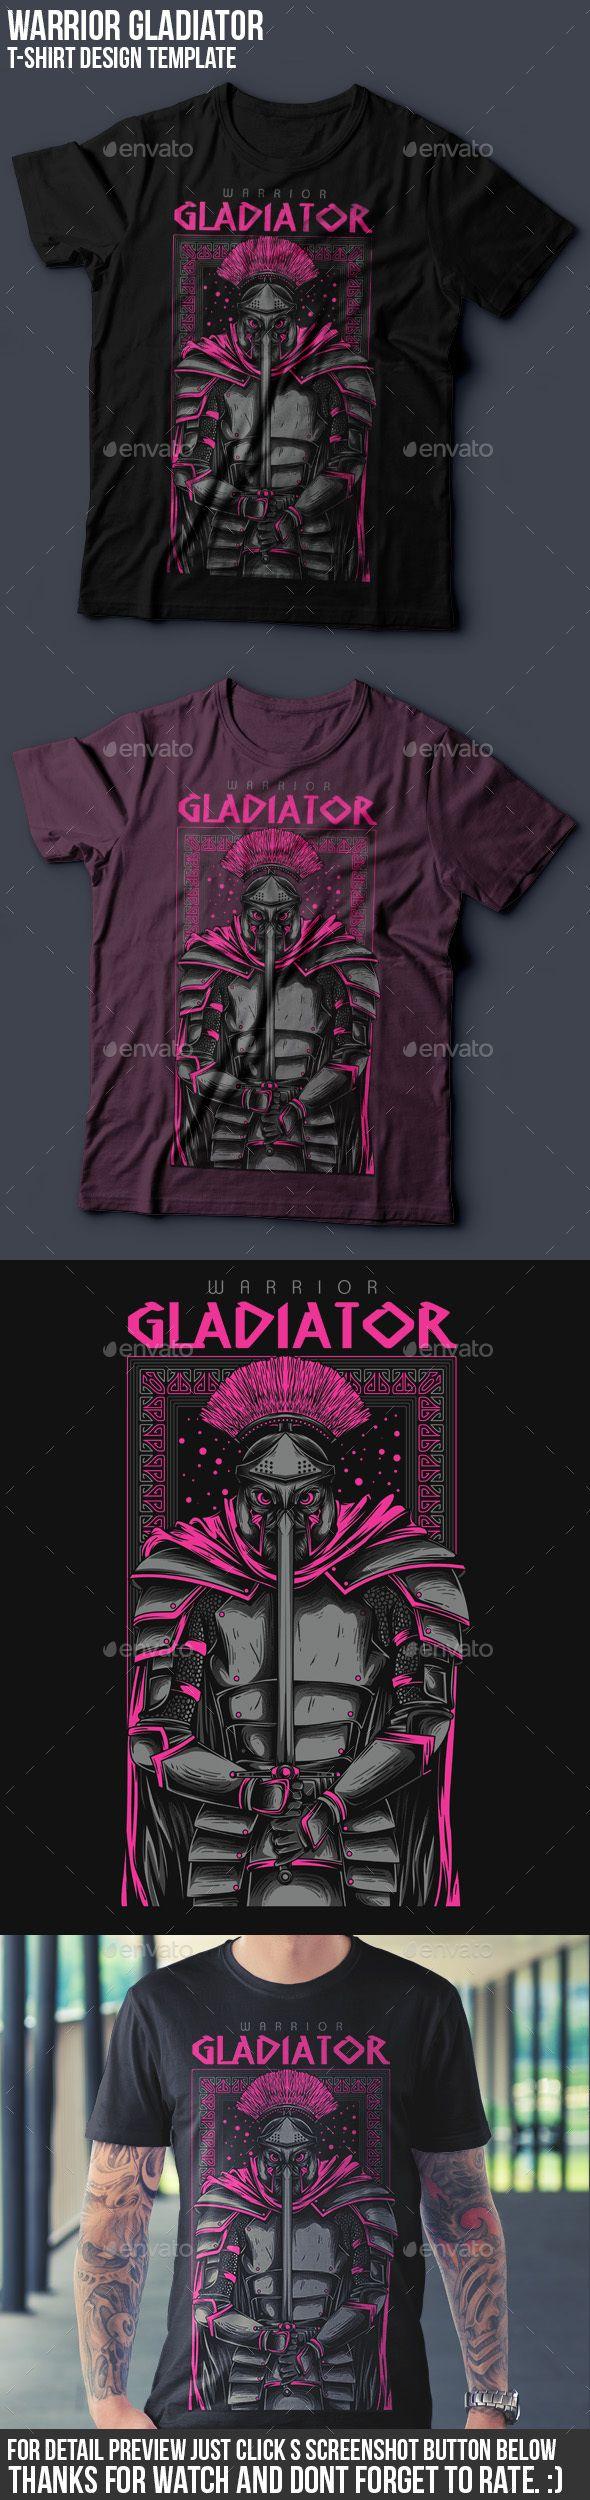 Gladiator Warrior T-Shirt Design - Grunge Designs